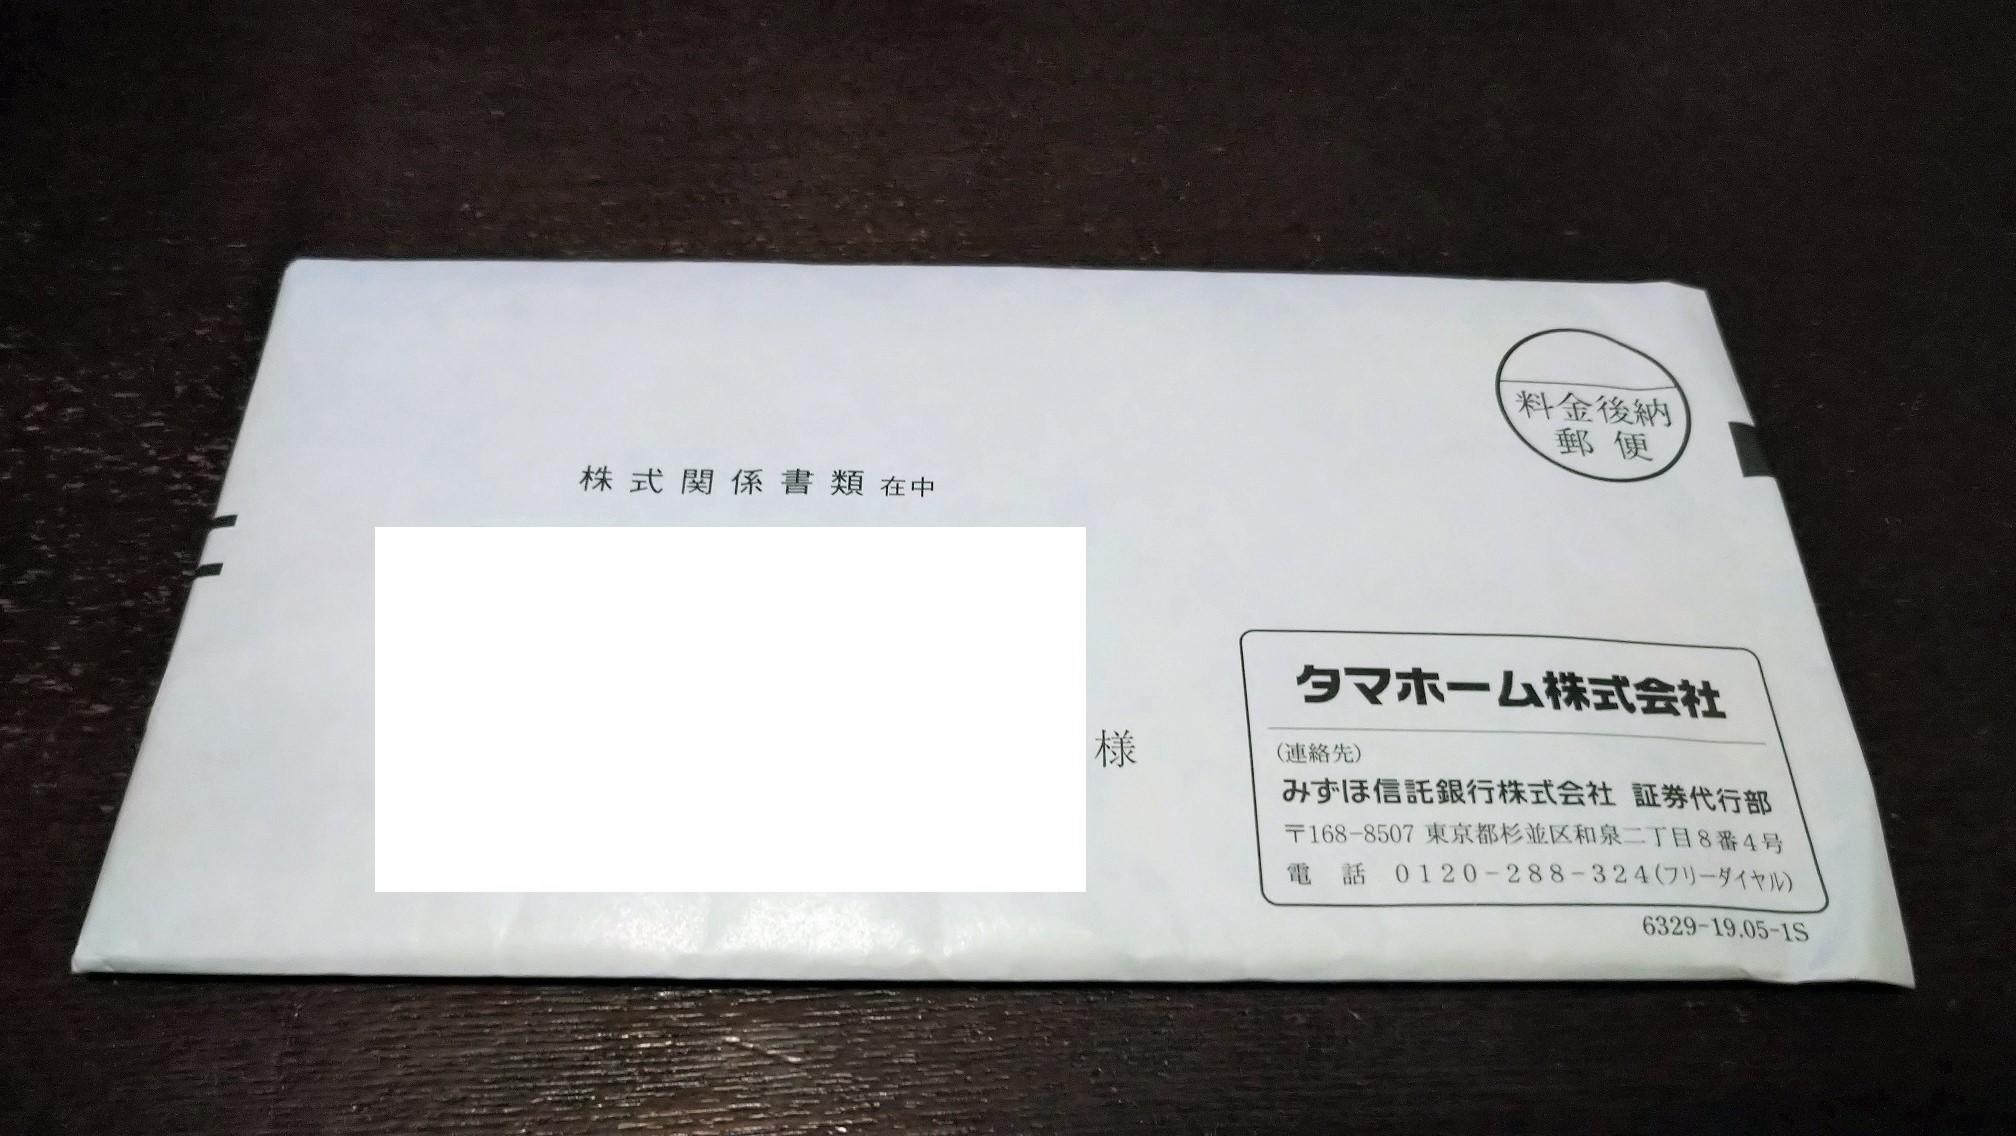 2019年8月10日(土)に郵便で到着